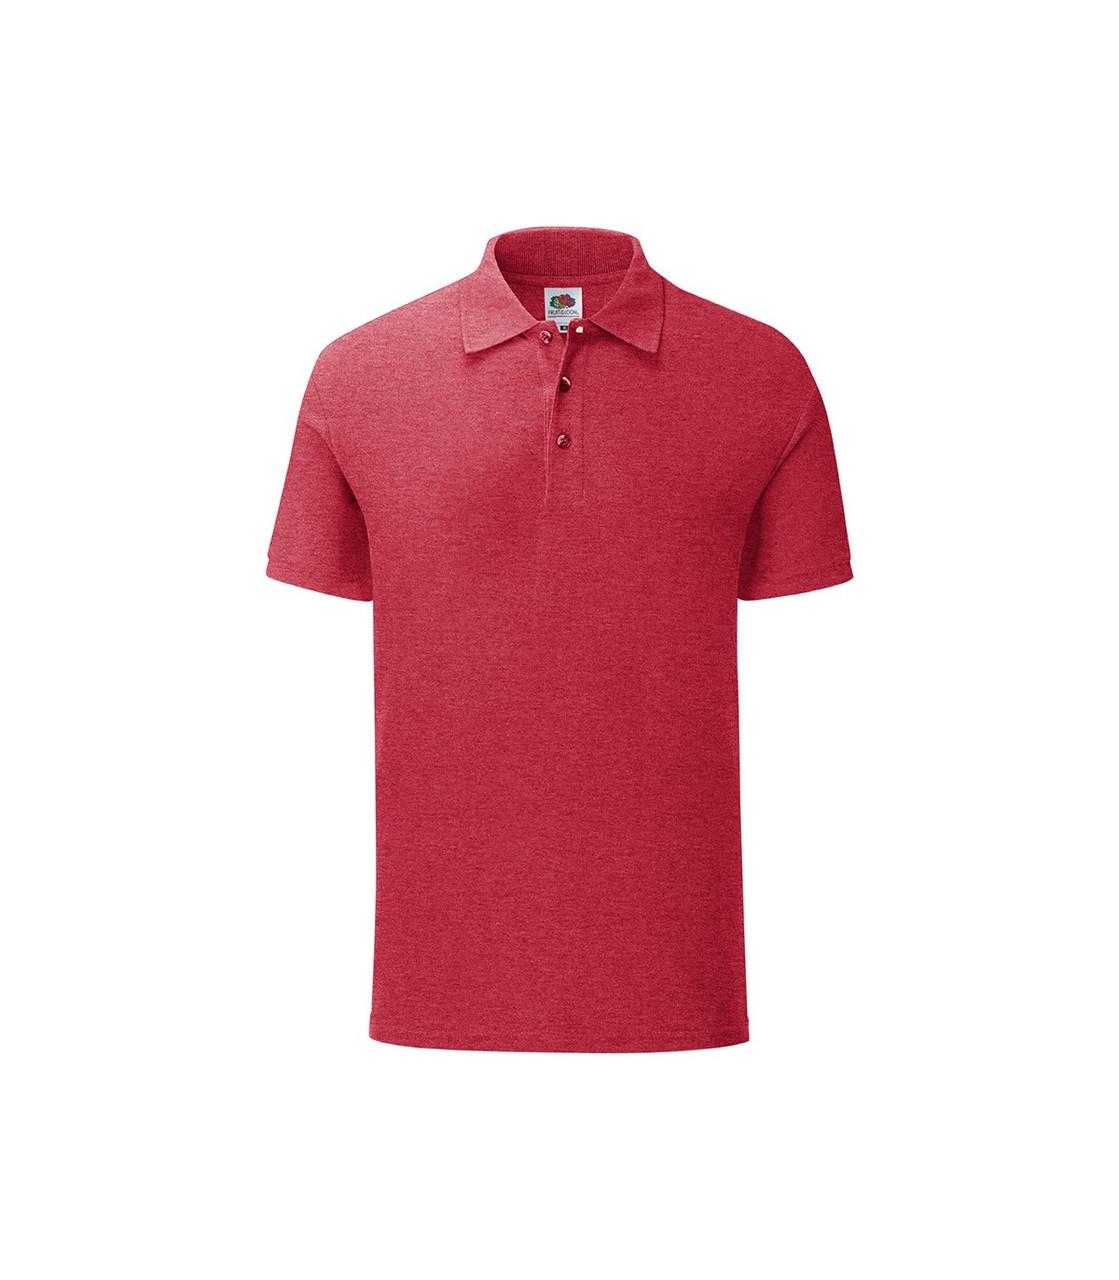 Мужская футболка поло хлопок красная меланж 044-VH